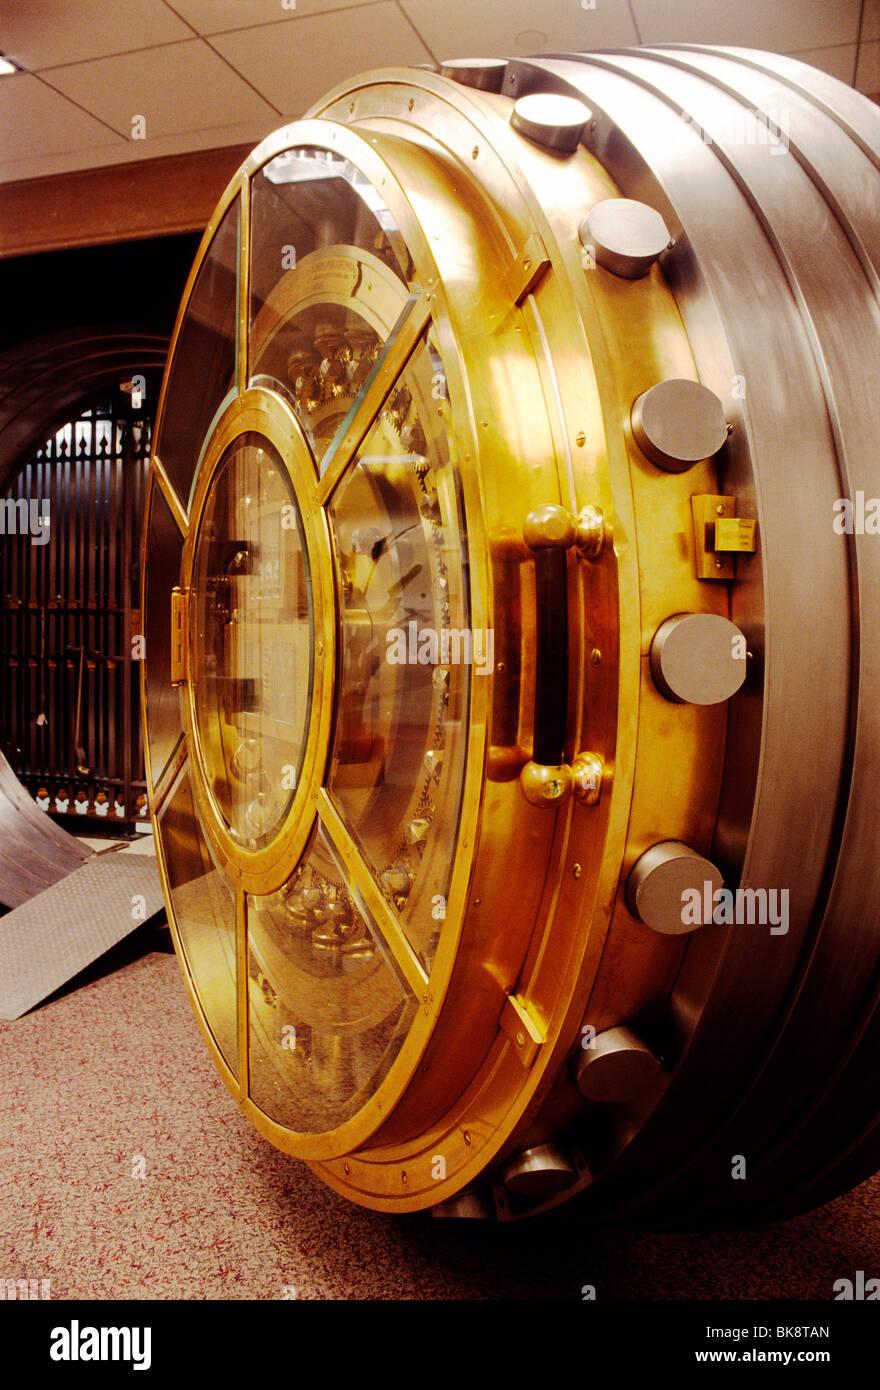 Brass and stainless steel bank vault door - Stock Image